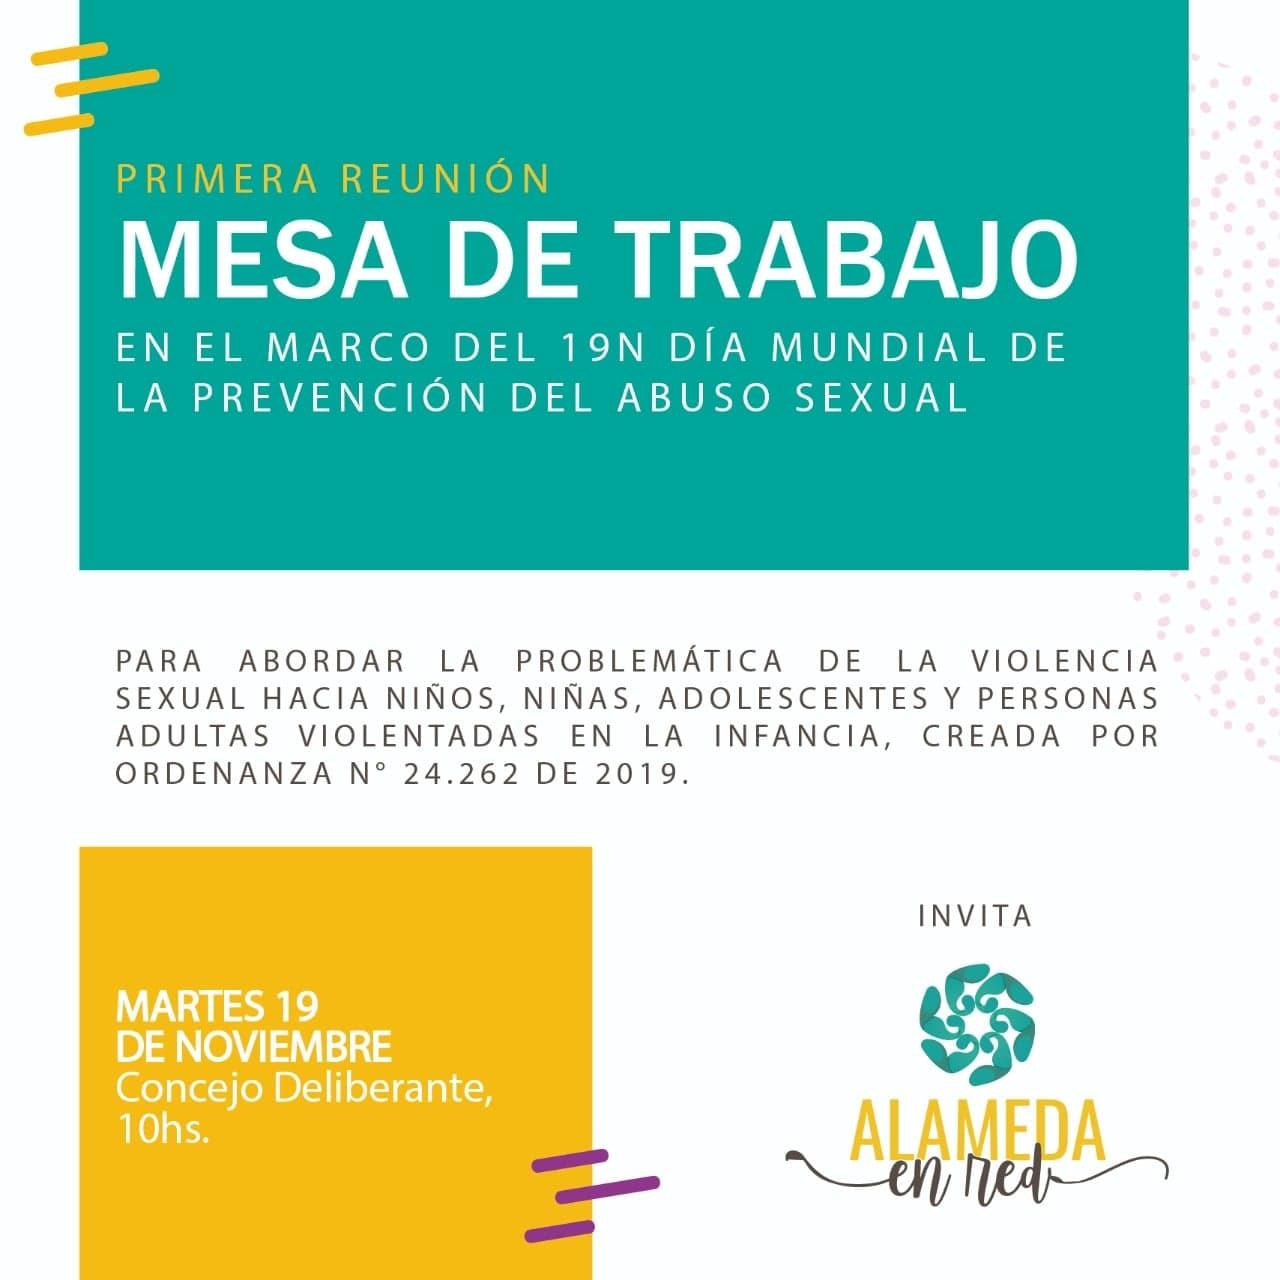 Diversas actividades en el Día mundial de la prevención del abuso sexual